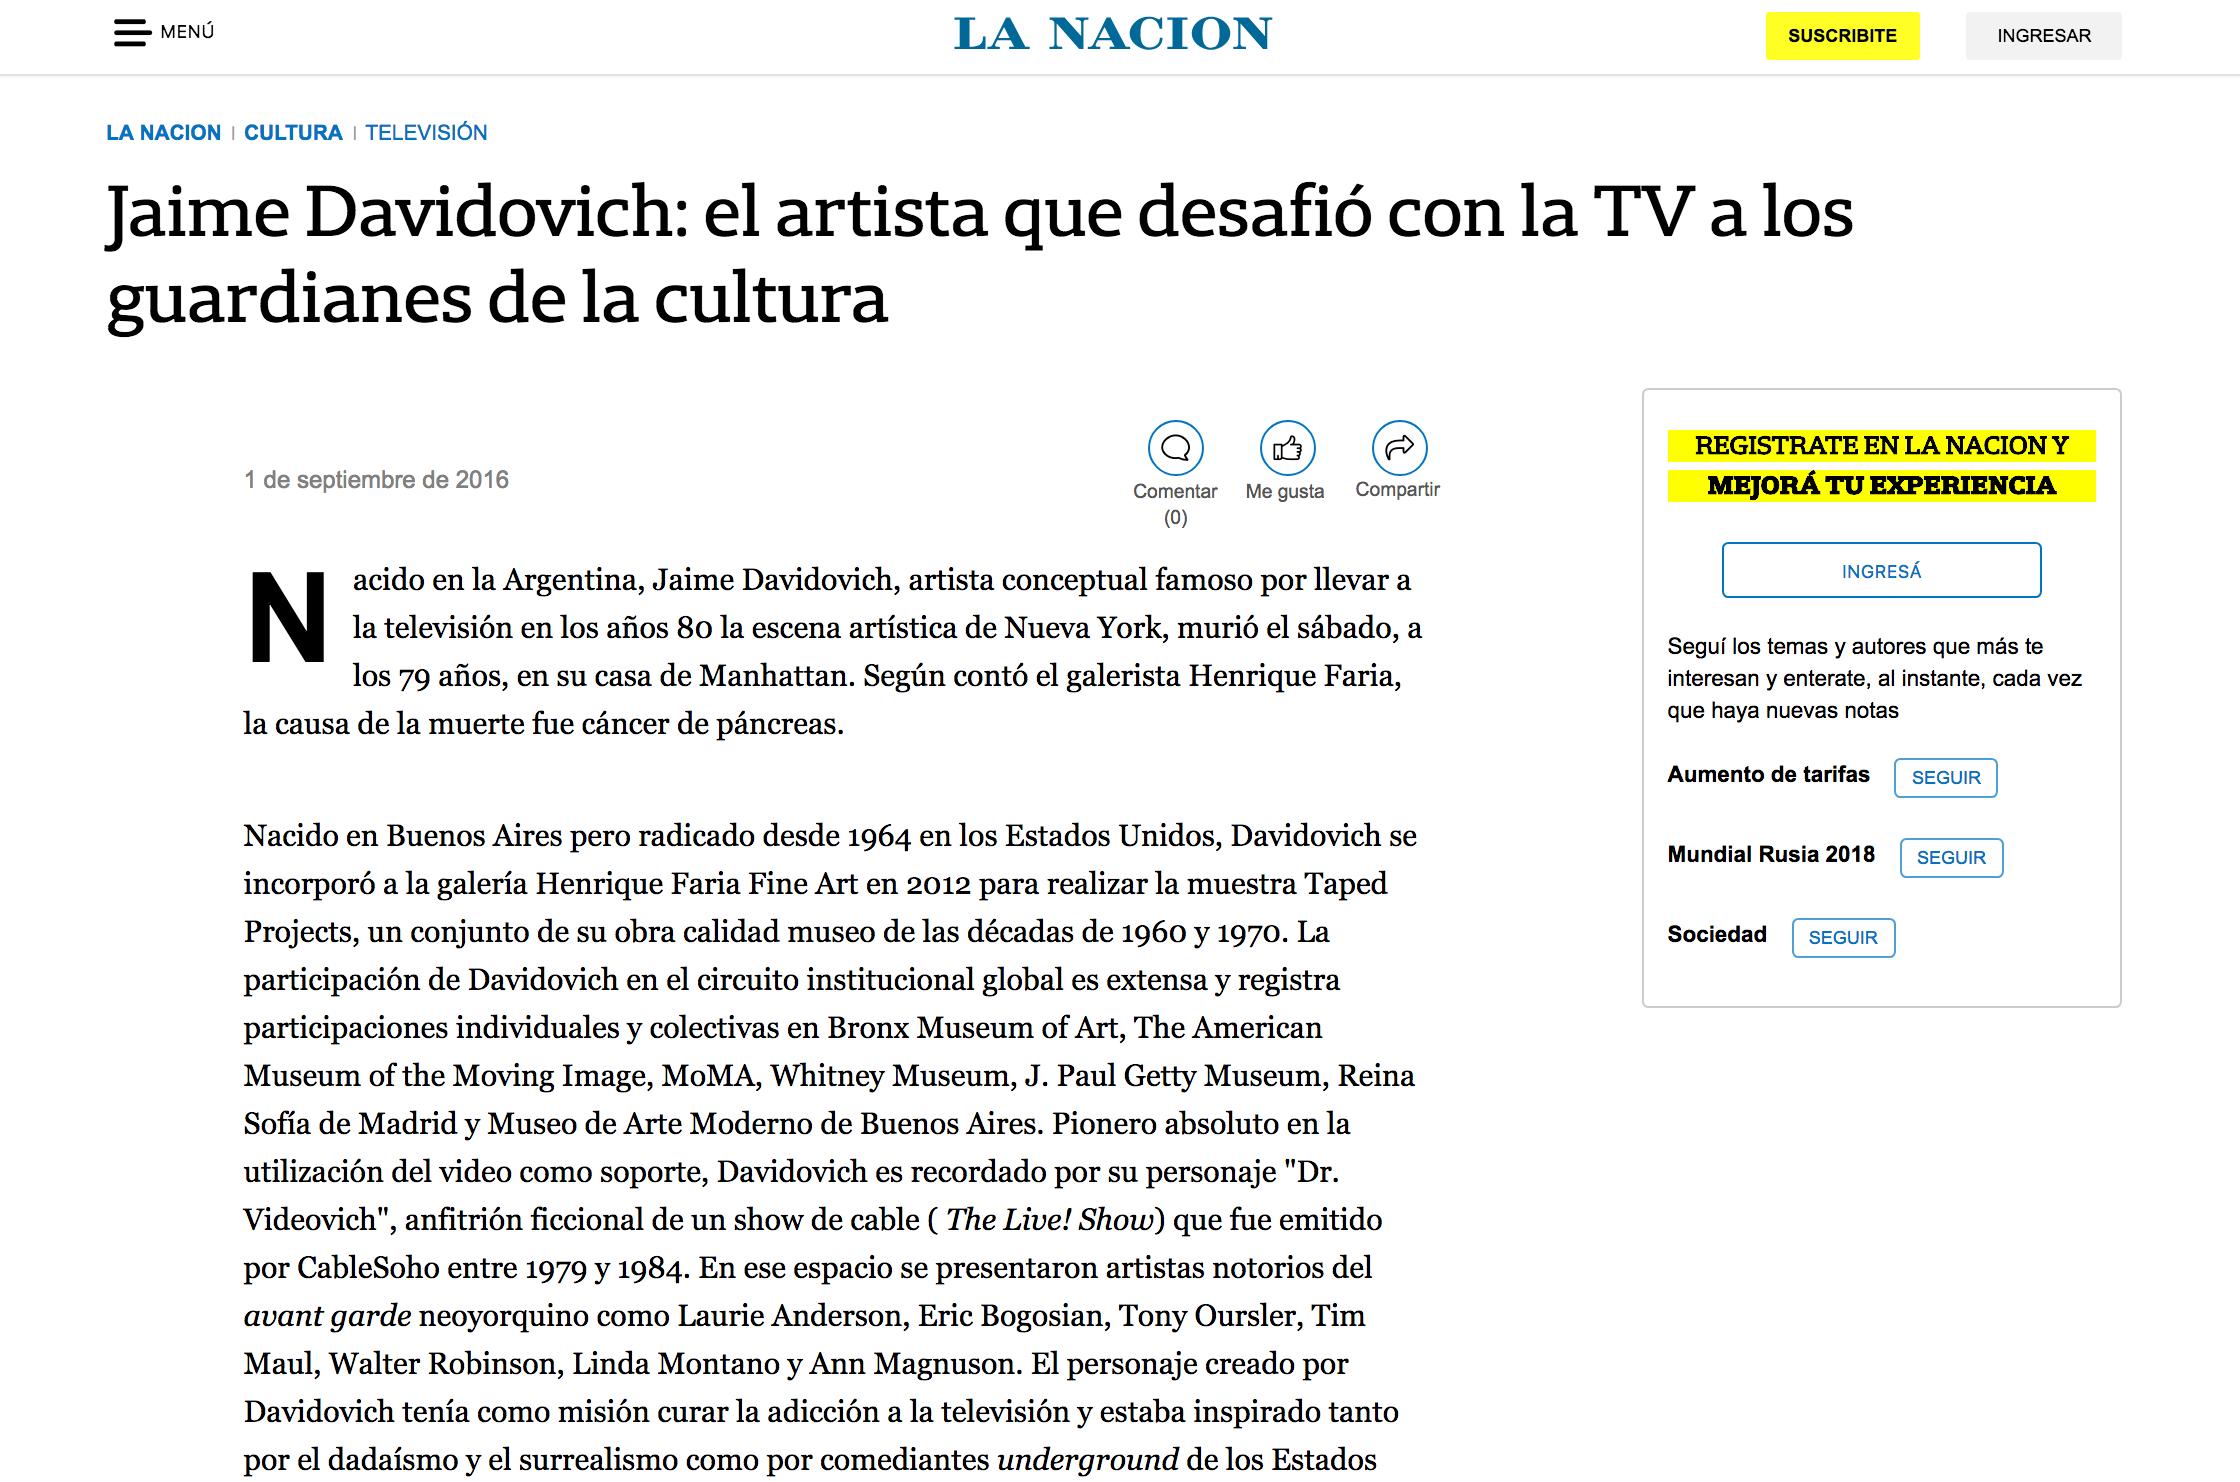 Jaime davidovich: el artista que desafió con la tv a los guardianes de la cultura - La Nación - September 1, 2016